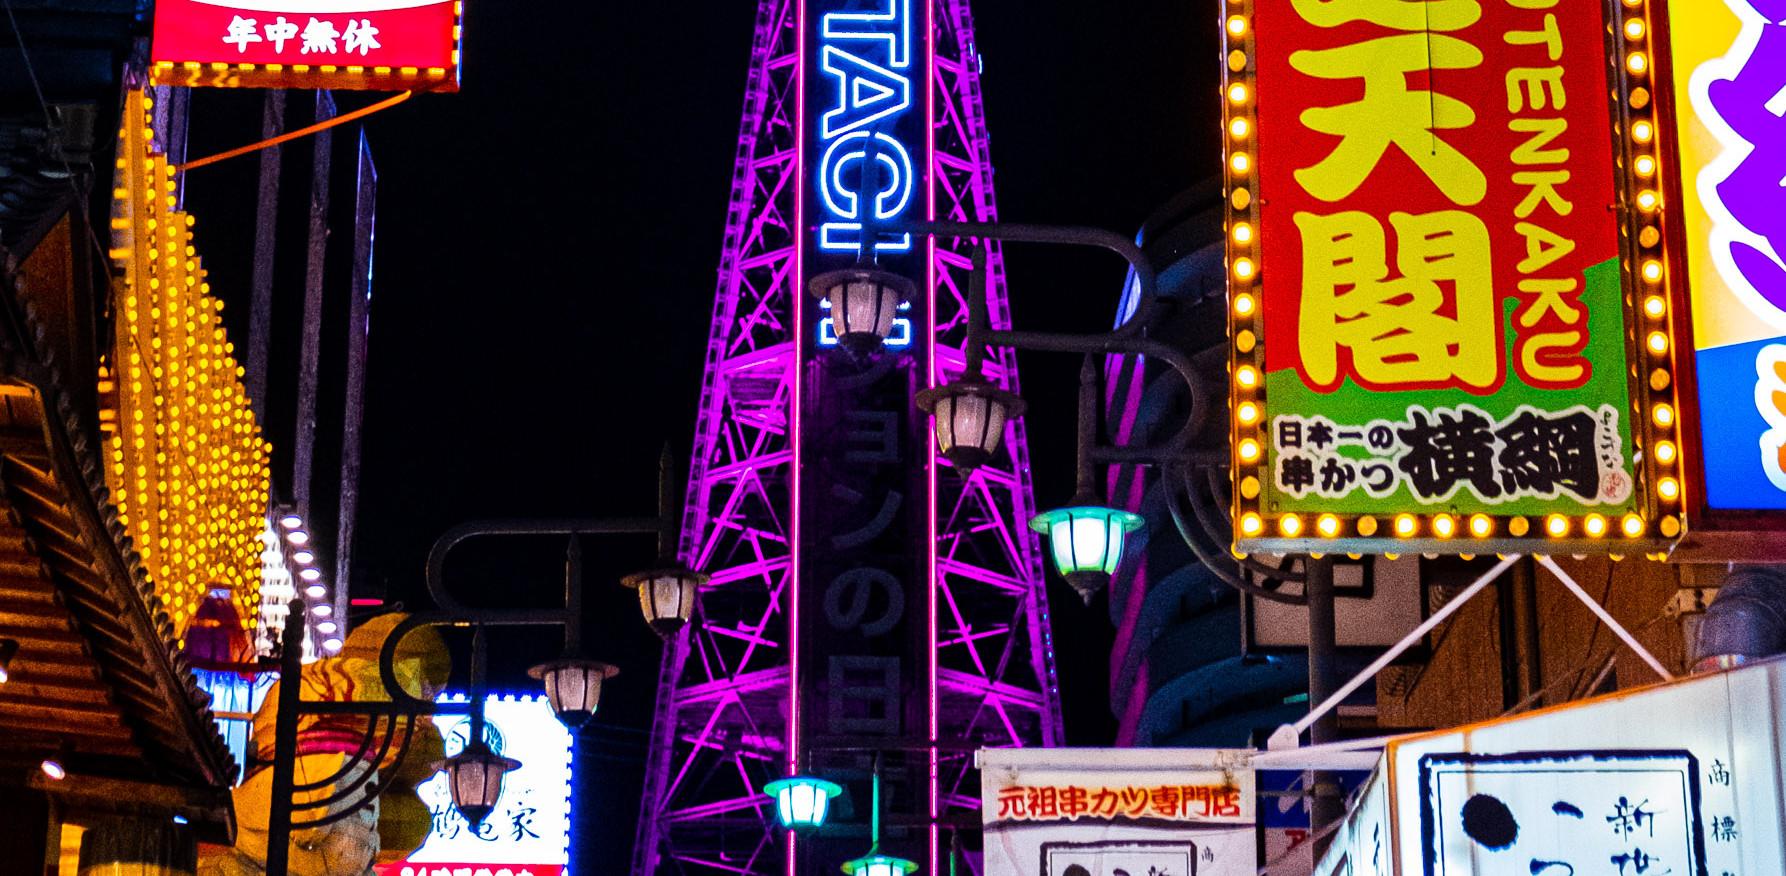 Shinsekai-008.jpg